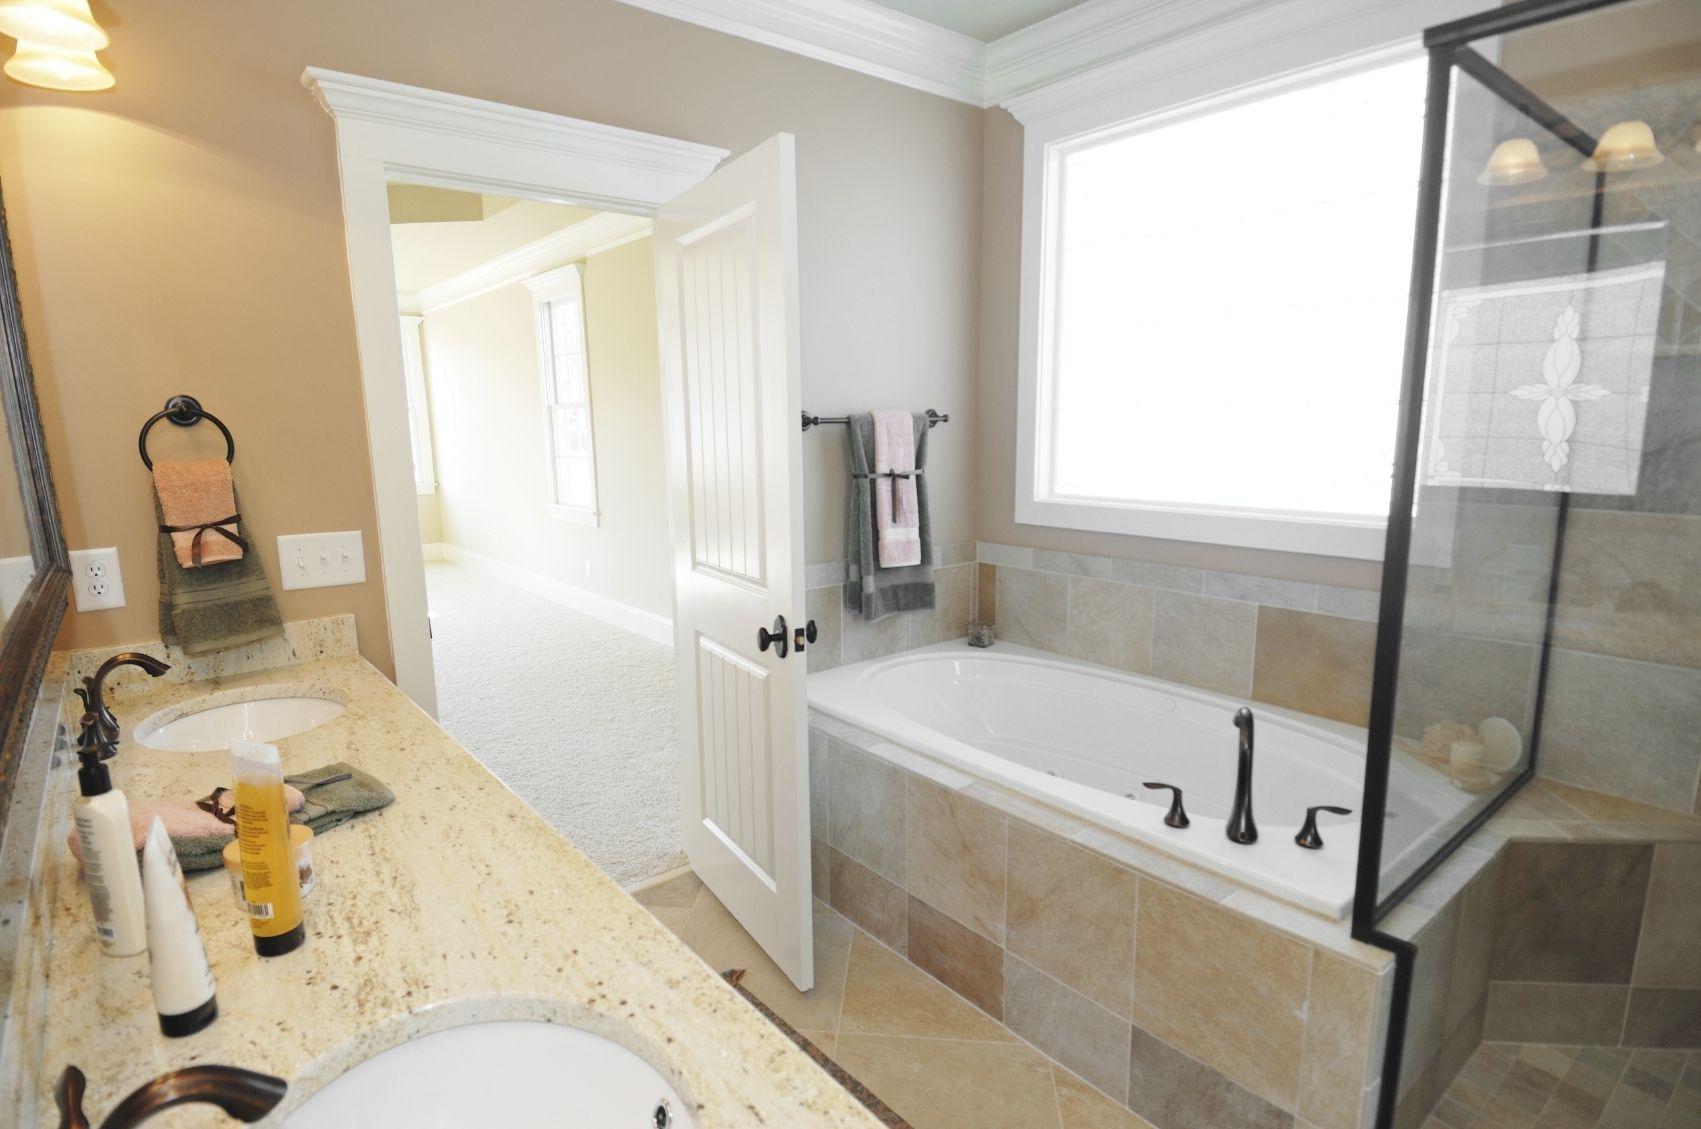 fresh al bathroom bath best birmingham atlanta remodeling